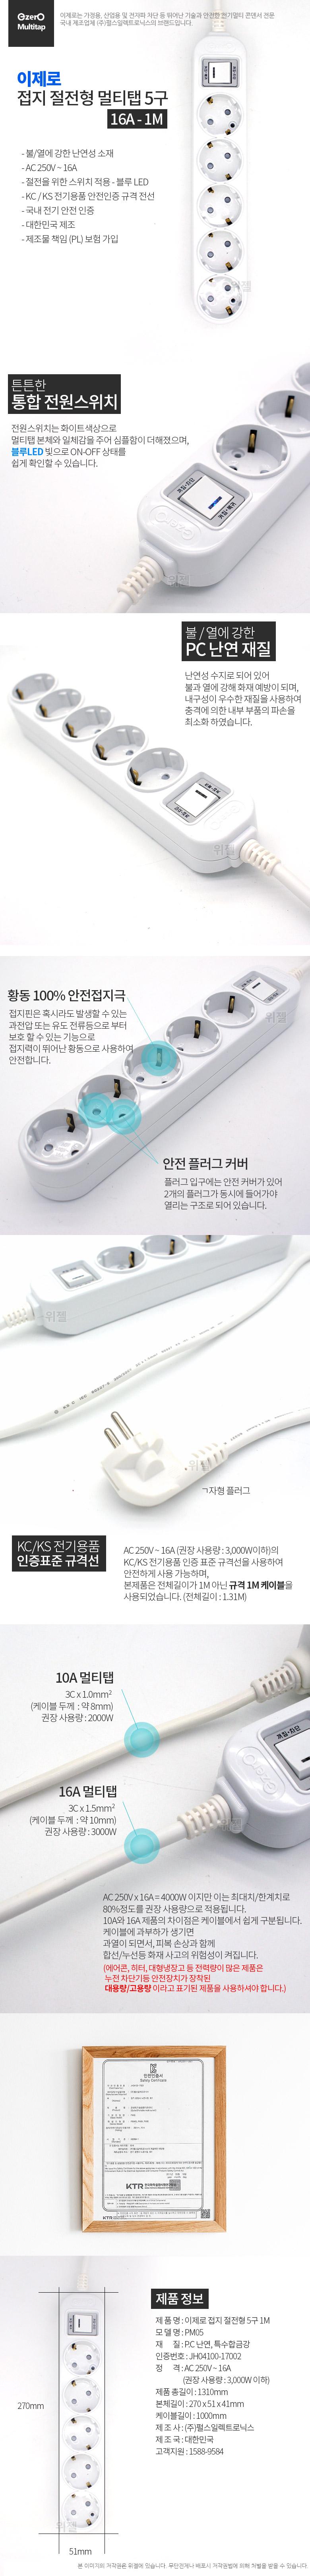 펄스일렉트로닉스 E-zero 5구 16A 절전형 접지 멀티탭 (1m)